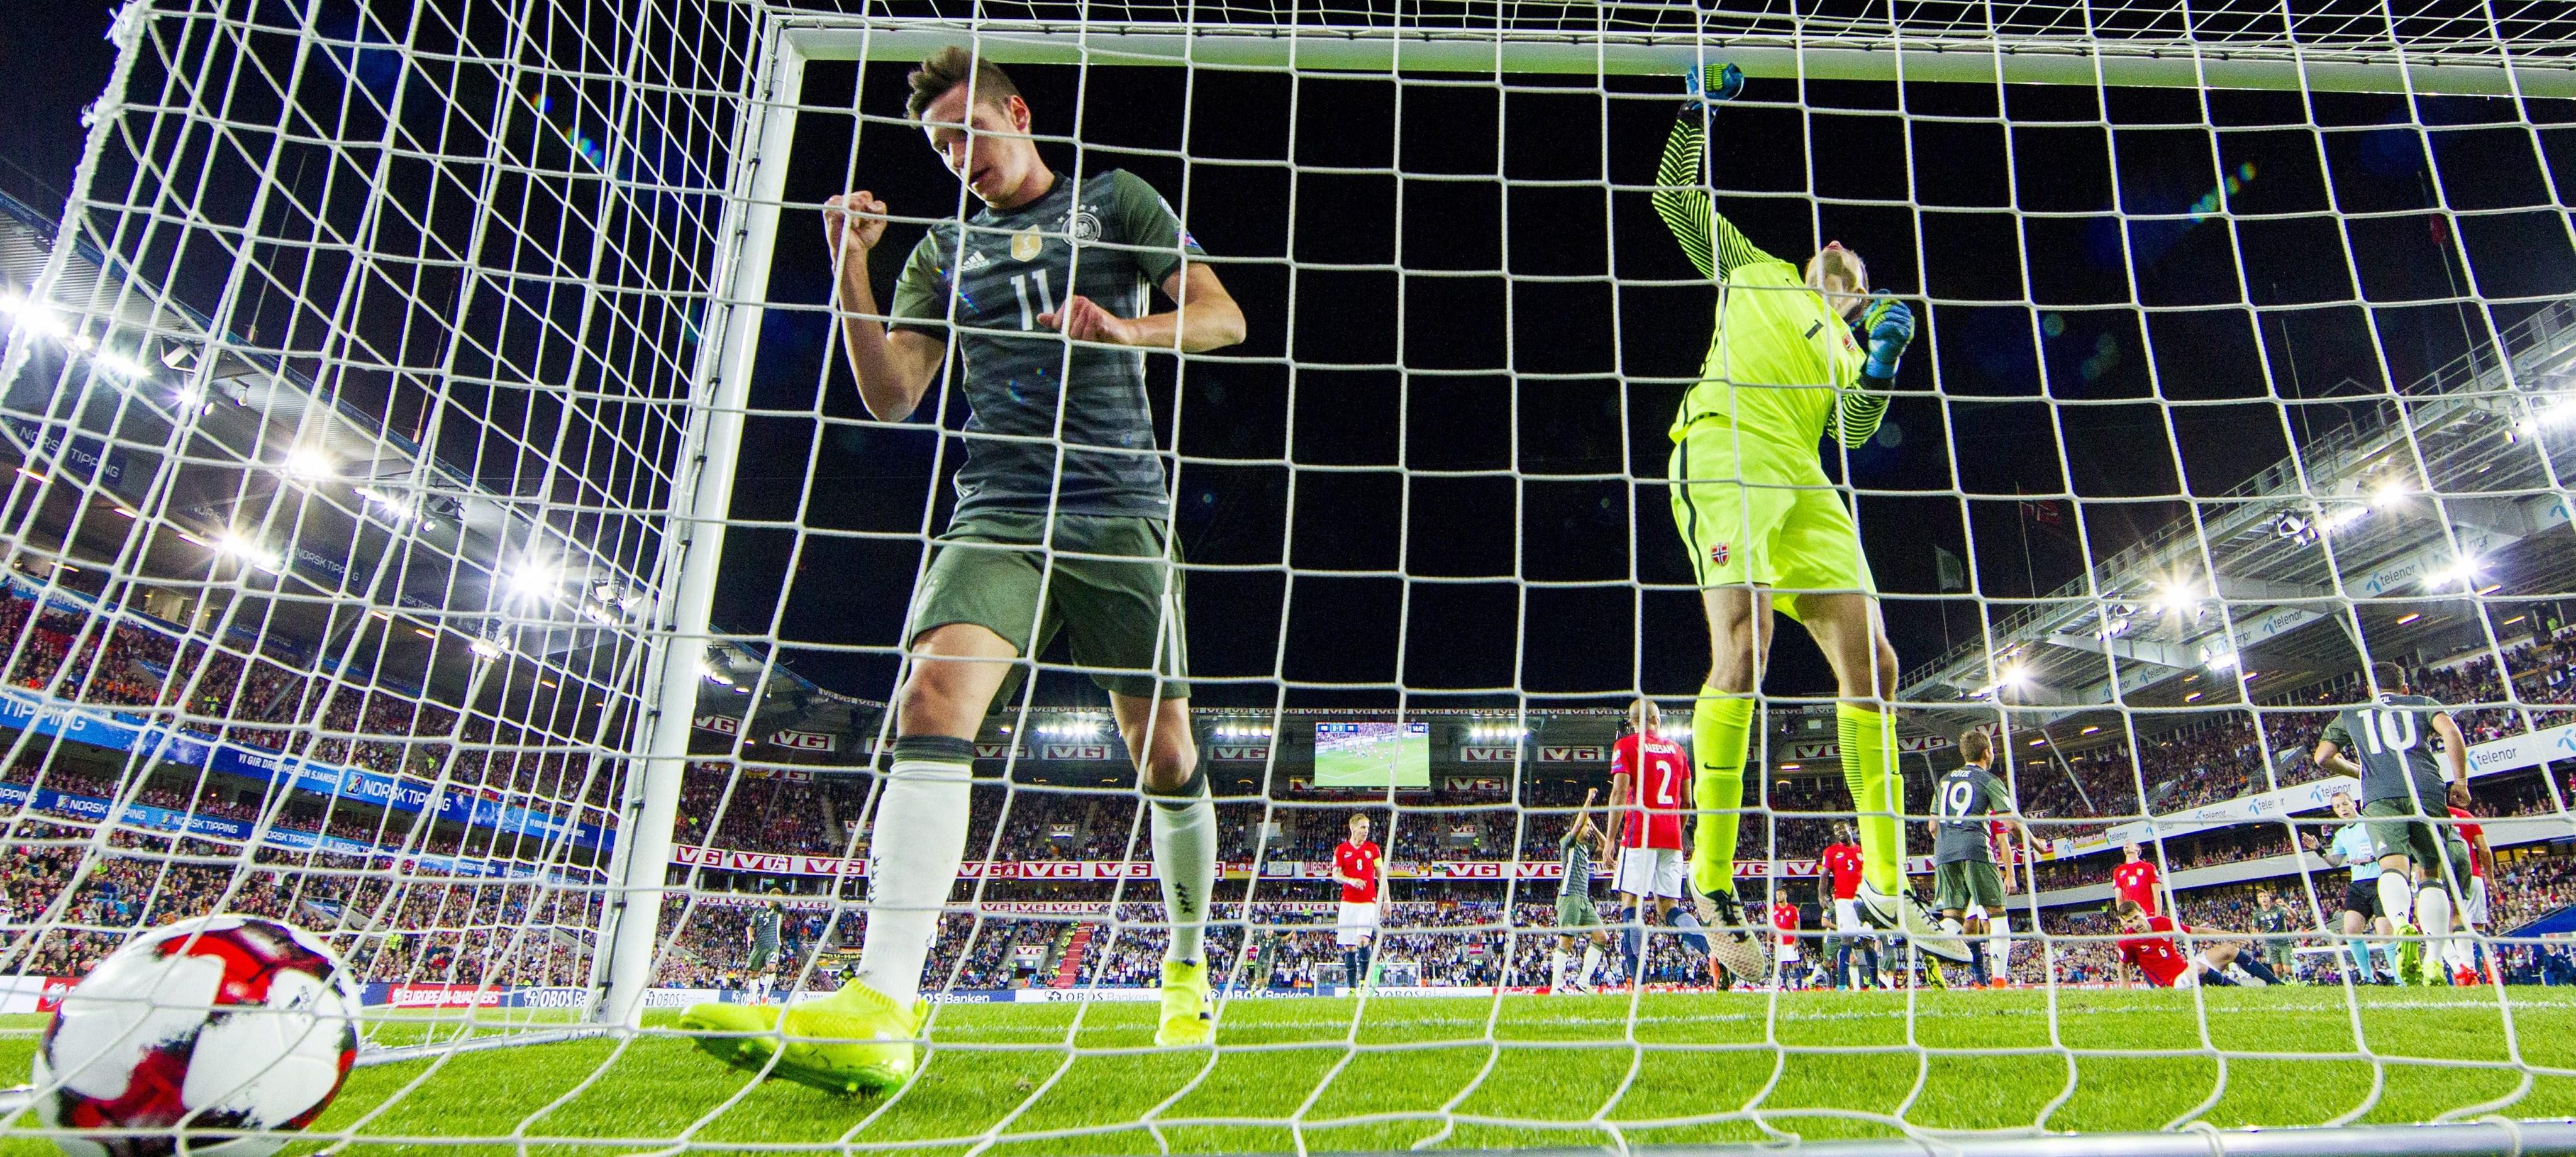 Alemania e Inglaterra ganaron en el inicio de la eliminatoria europea